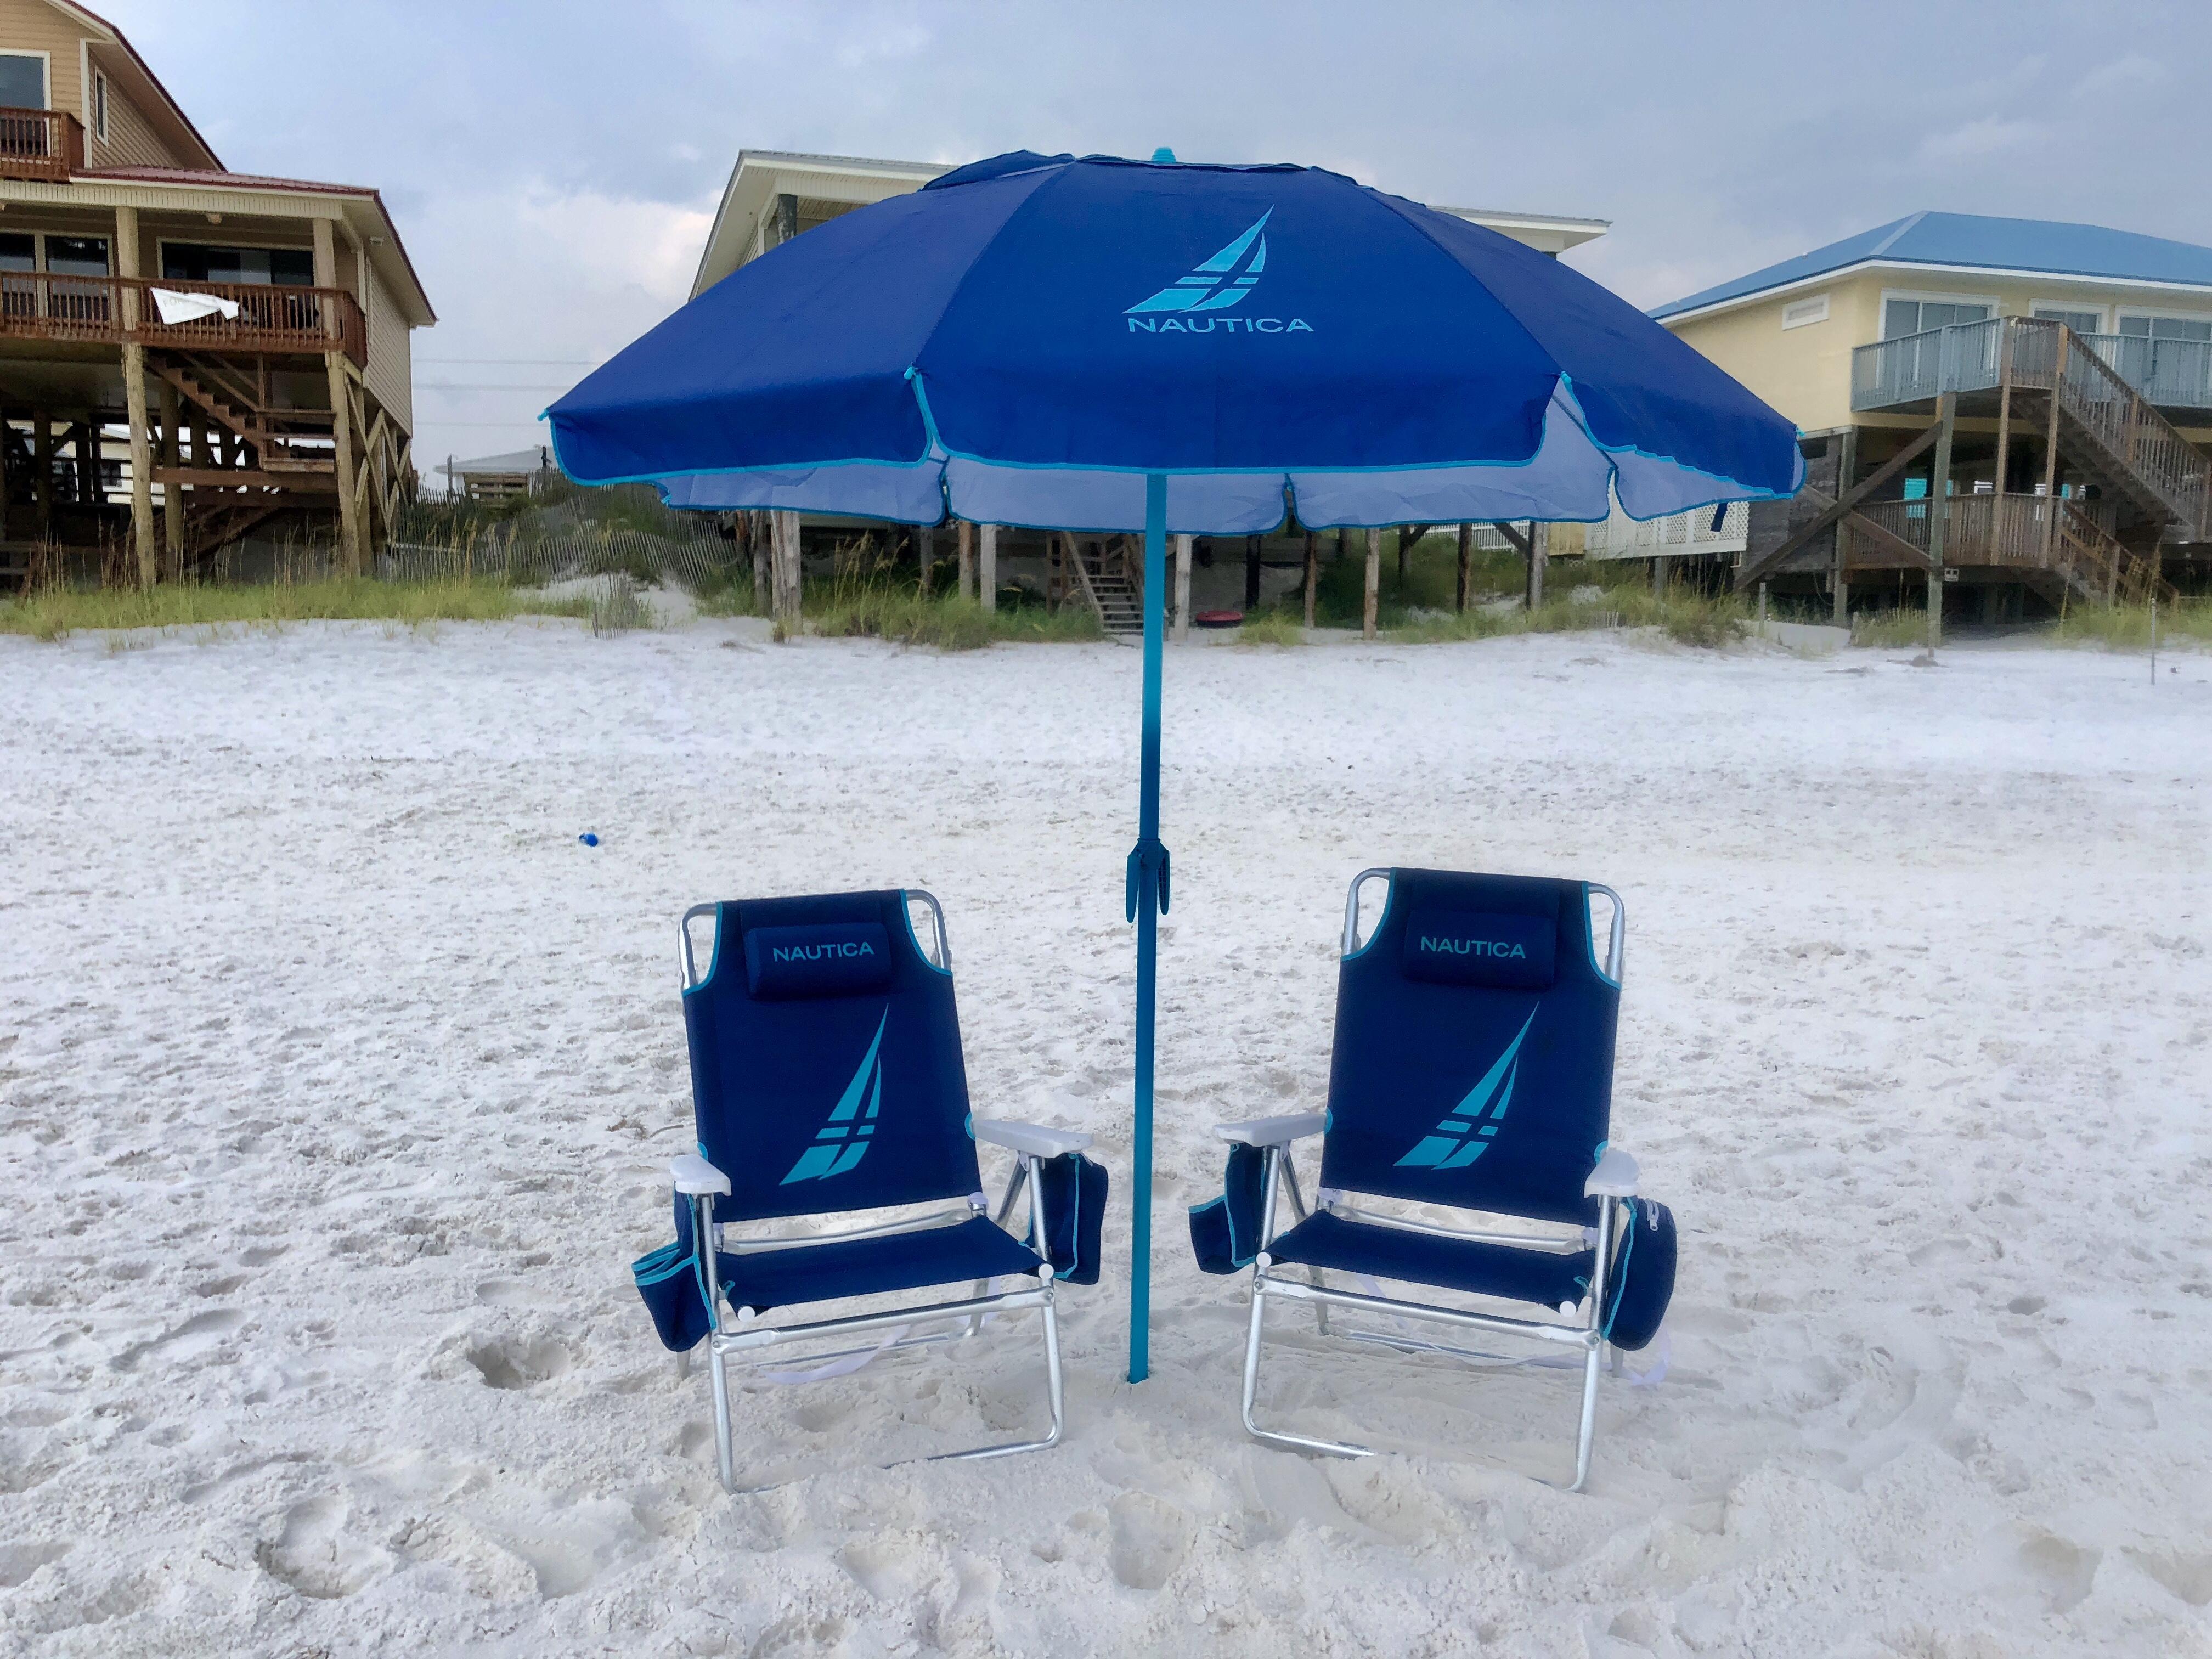 The Rental Shop 30A Beach Chair service rentals